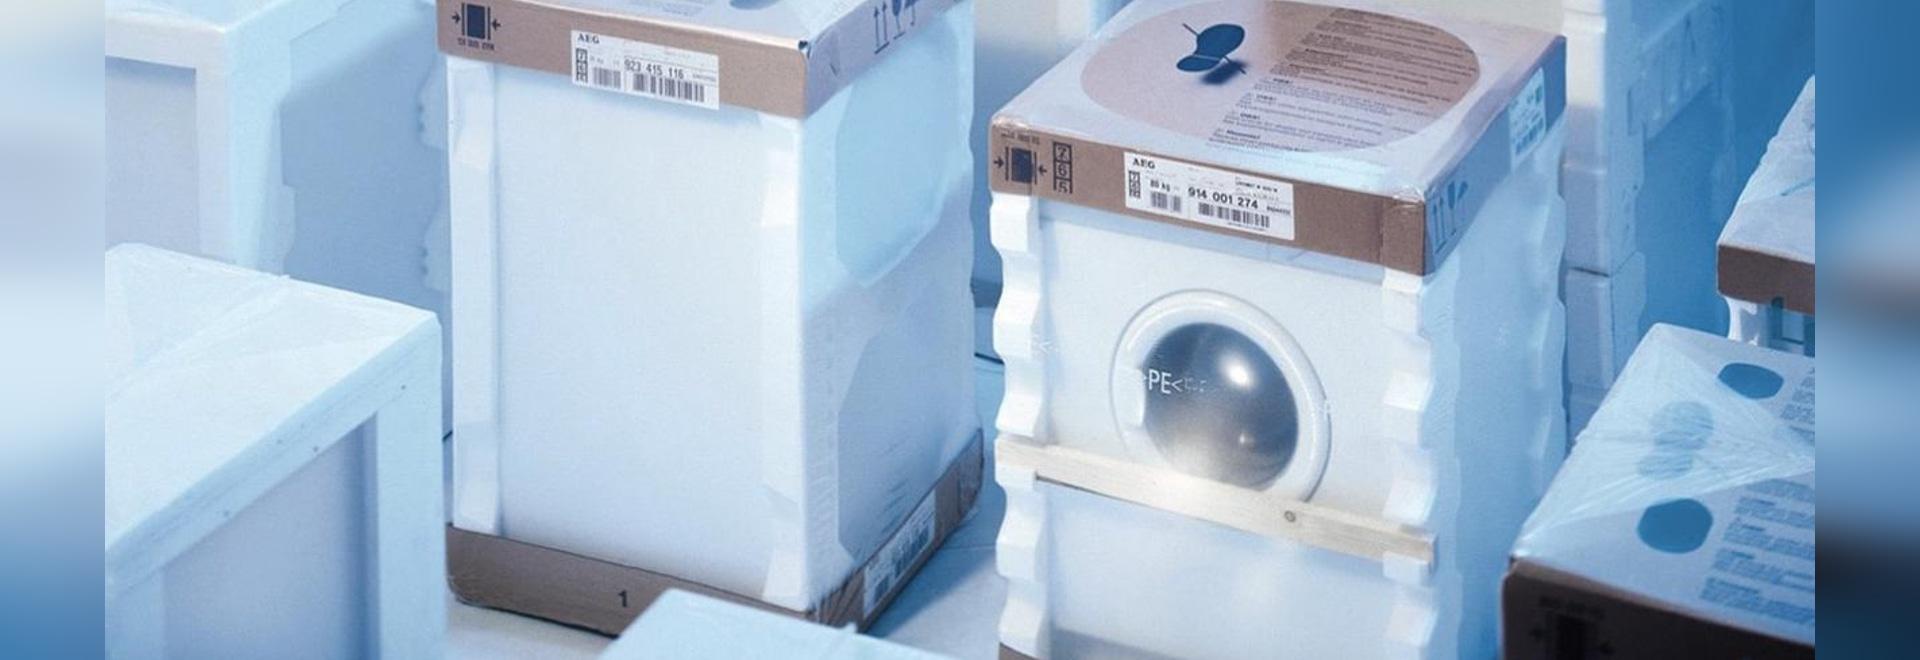 Aparato electrodoméstico cada vez más pequeño del maschine